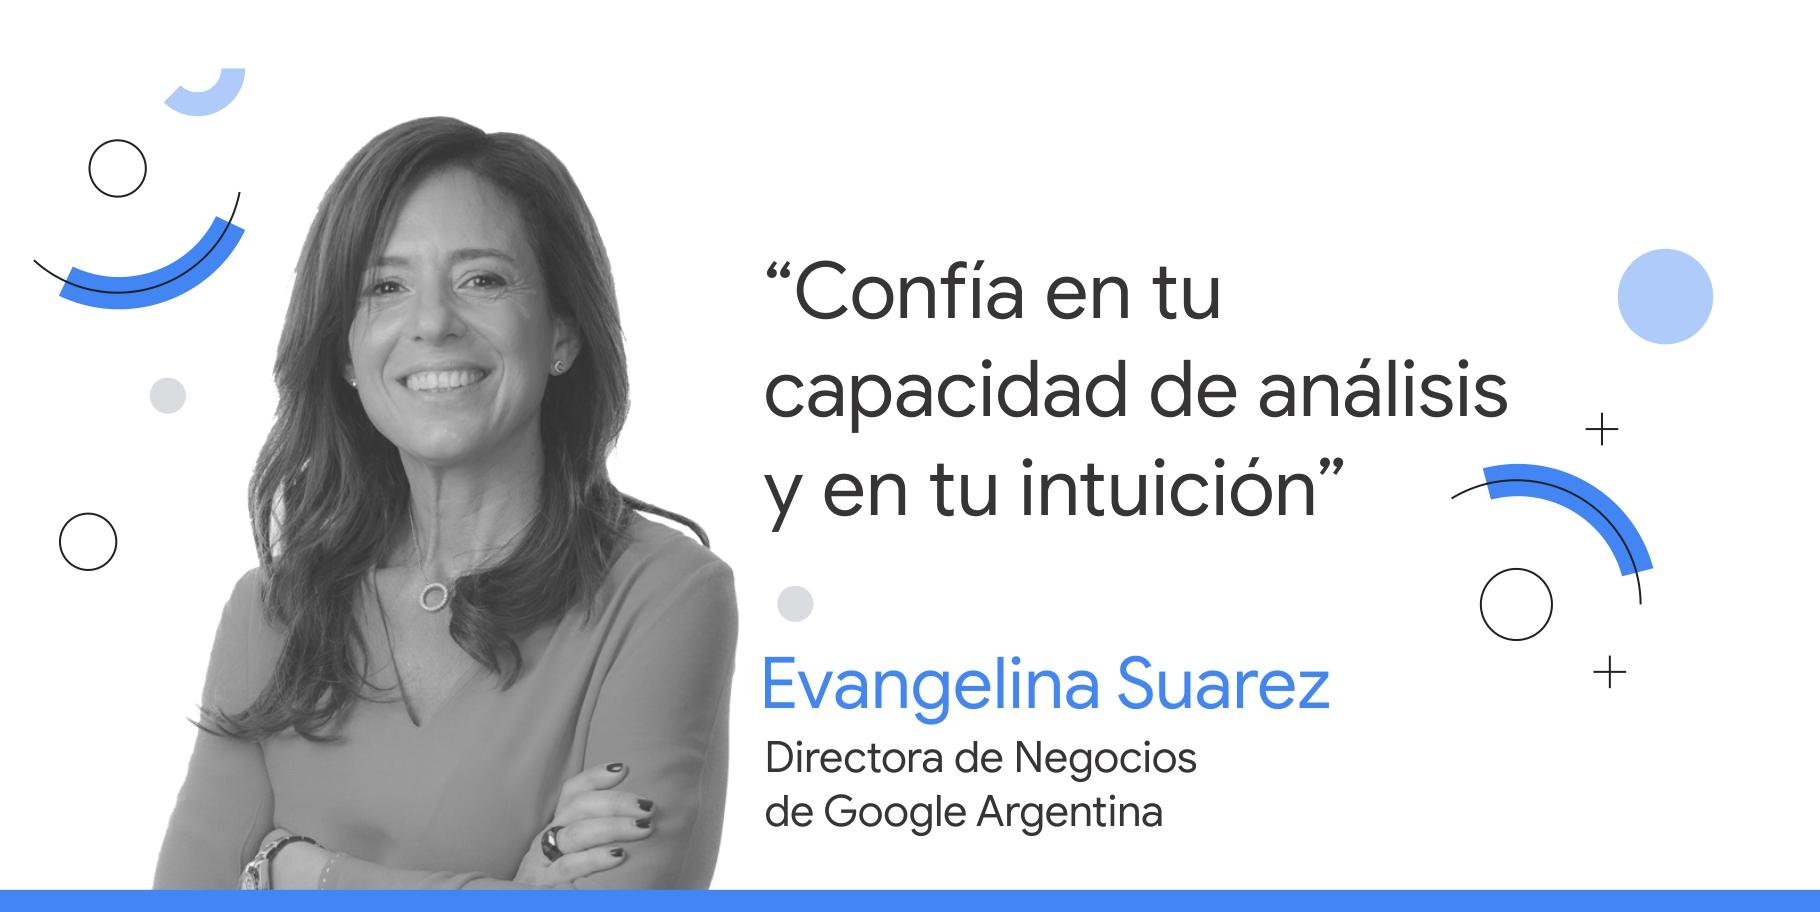 """Foto en blanco y negro de Evangelina Suarez, directora de Negocios de Google Argentina, junto al consejo que dice: """"Confía en tu capacidad de análisis y en tu intuición""""."""